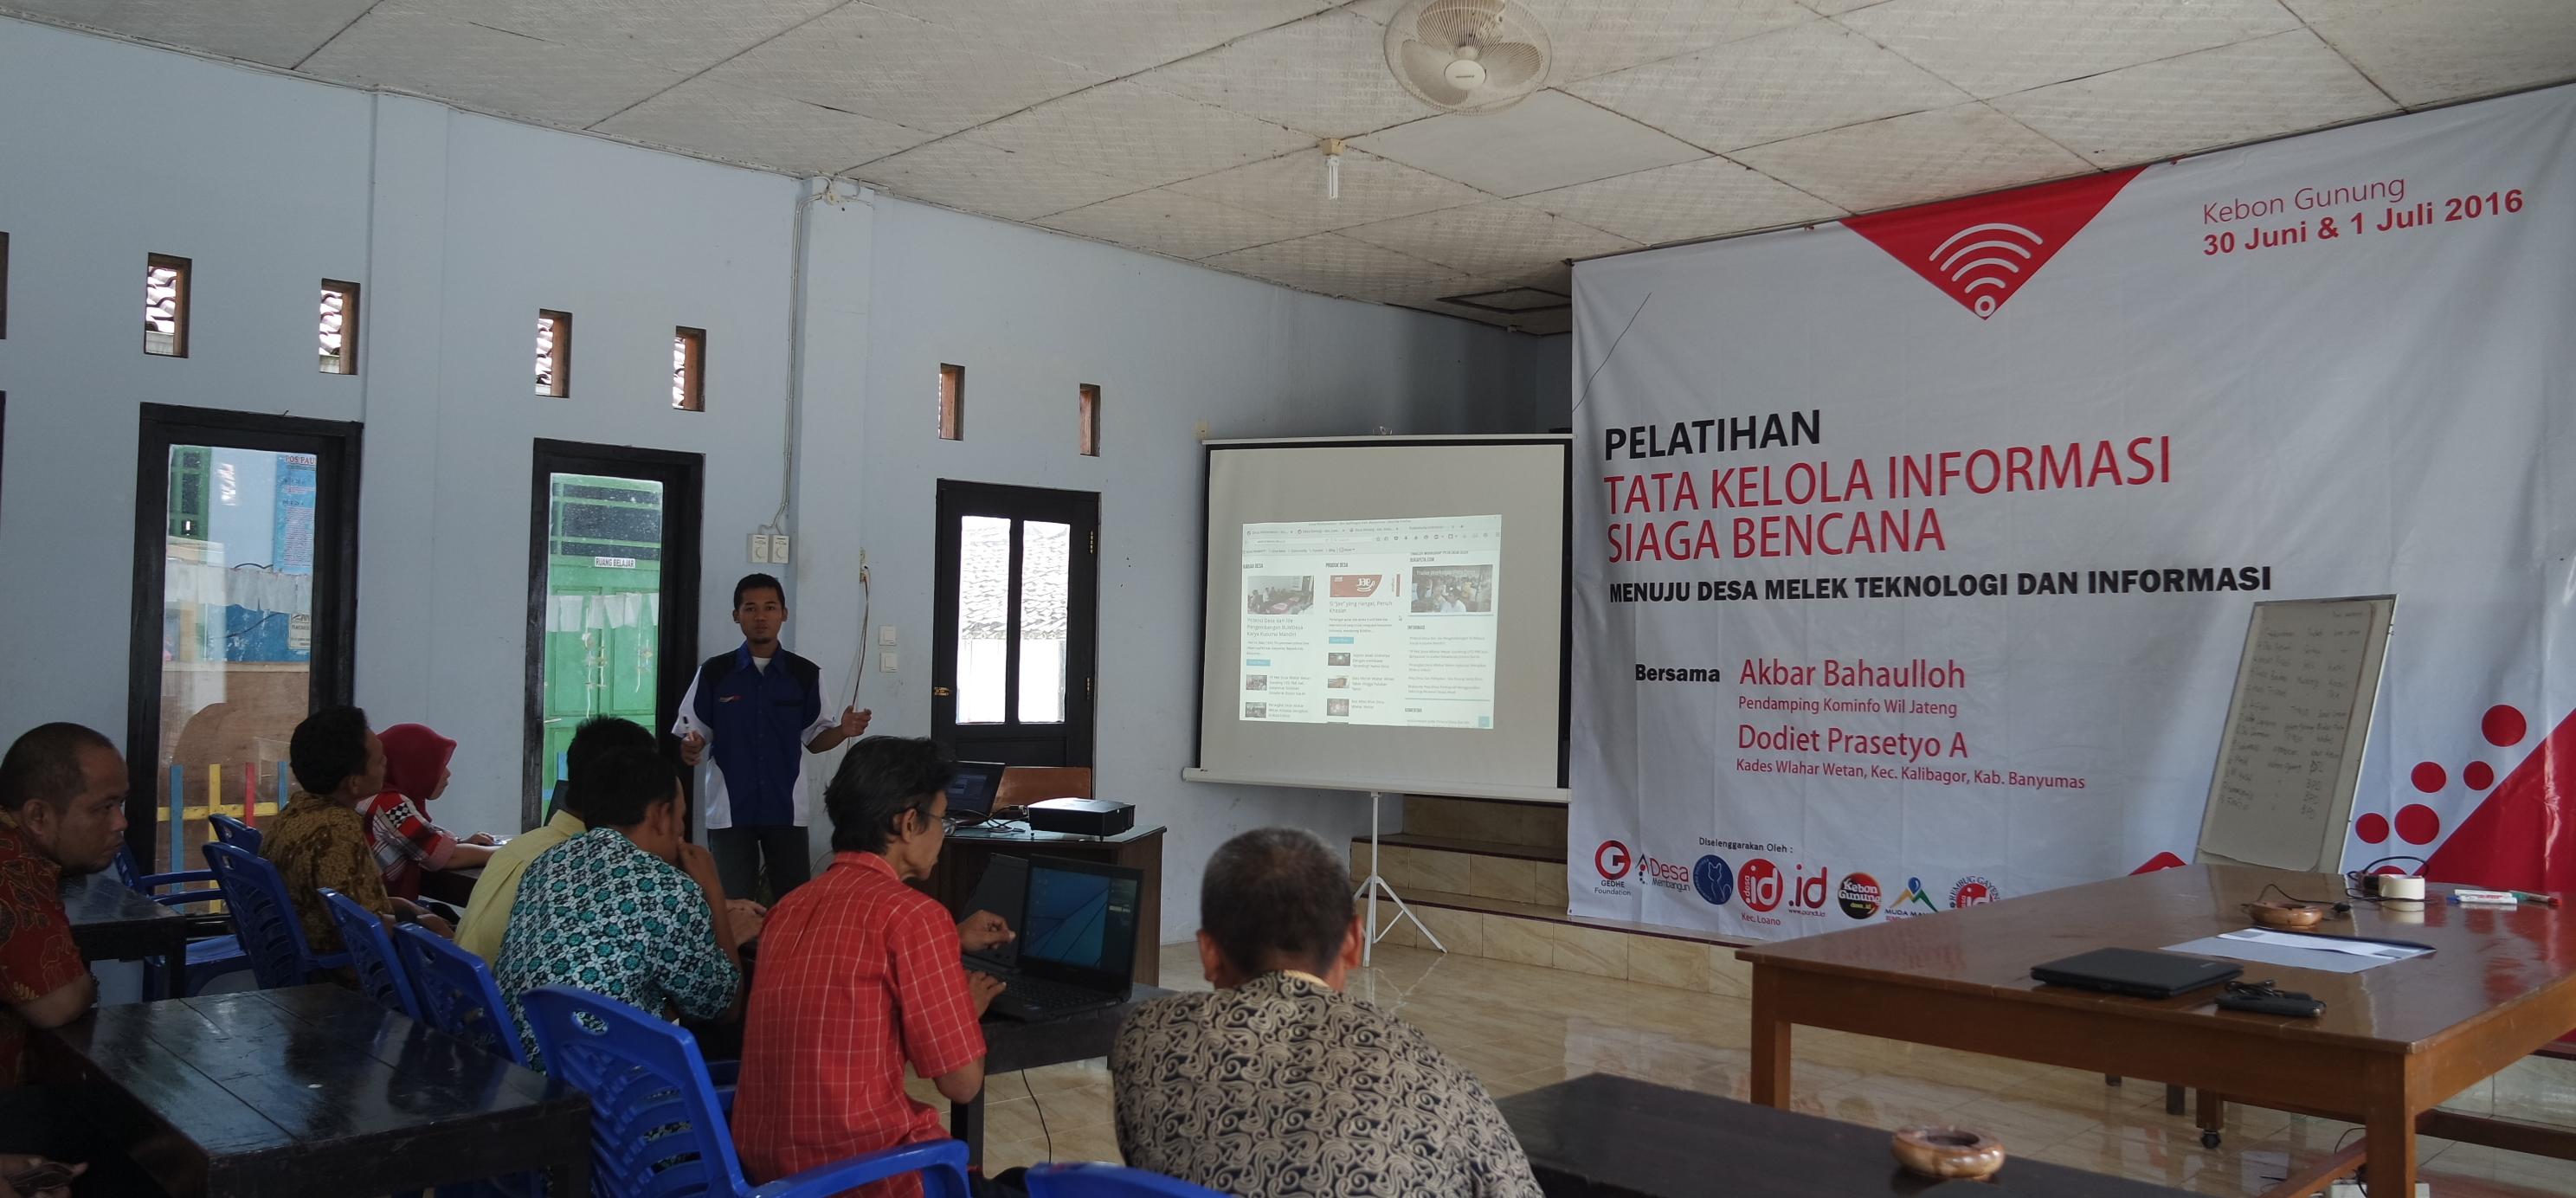 Tata Kelola Informasi Siaga Bencana di Desa Se-Kecamatan Loano Kabupaten Purworejo